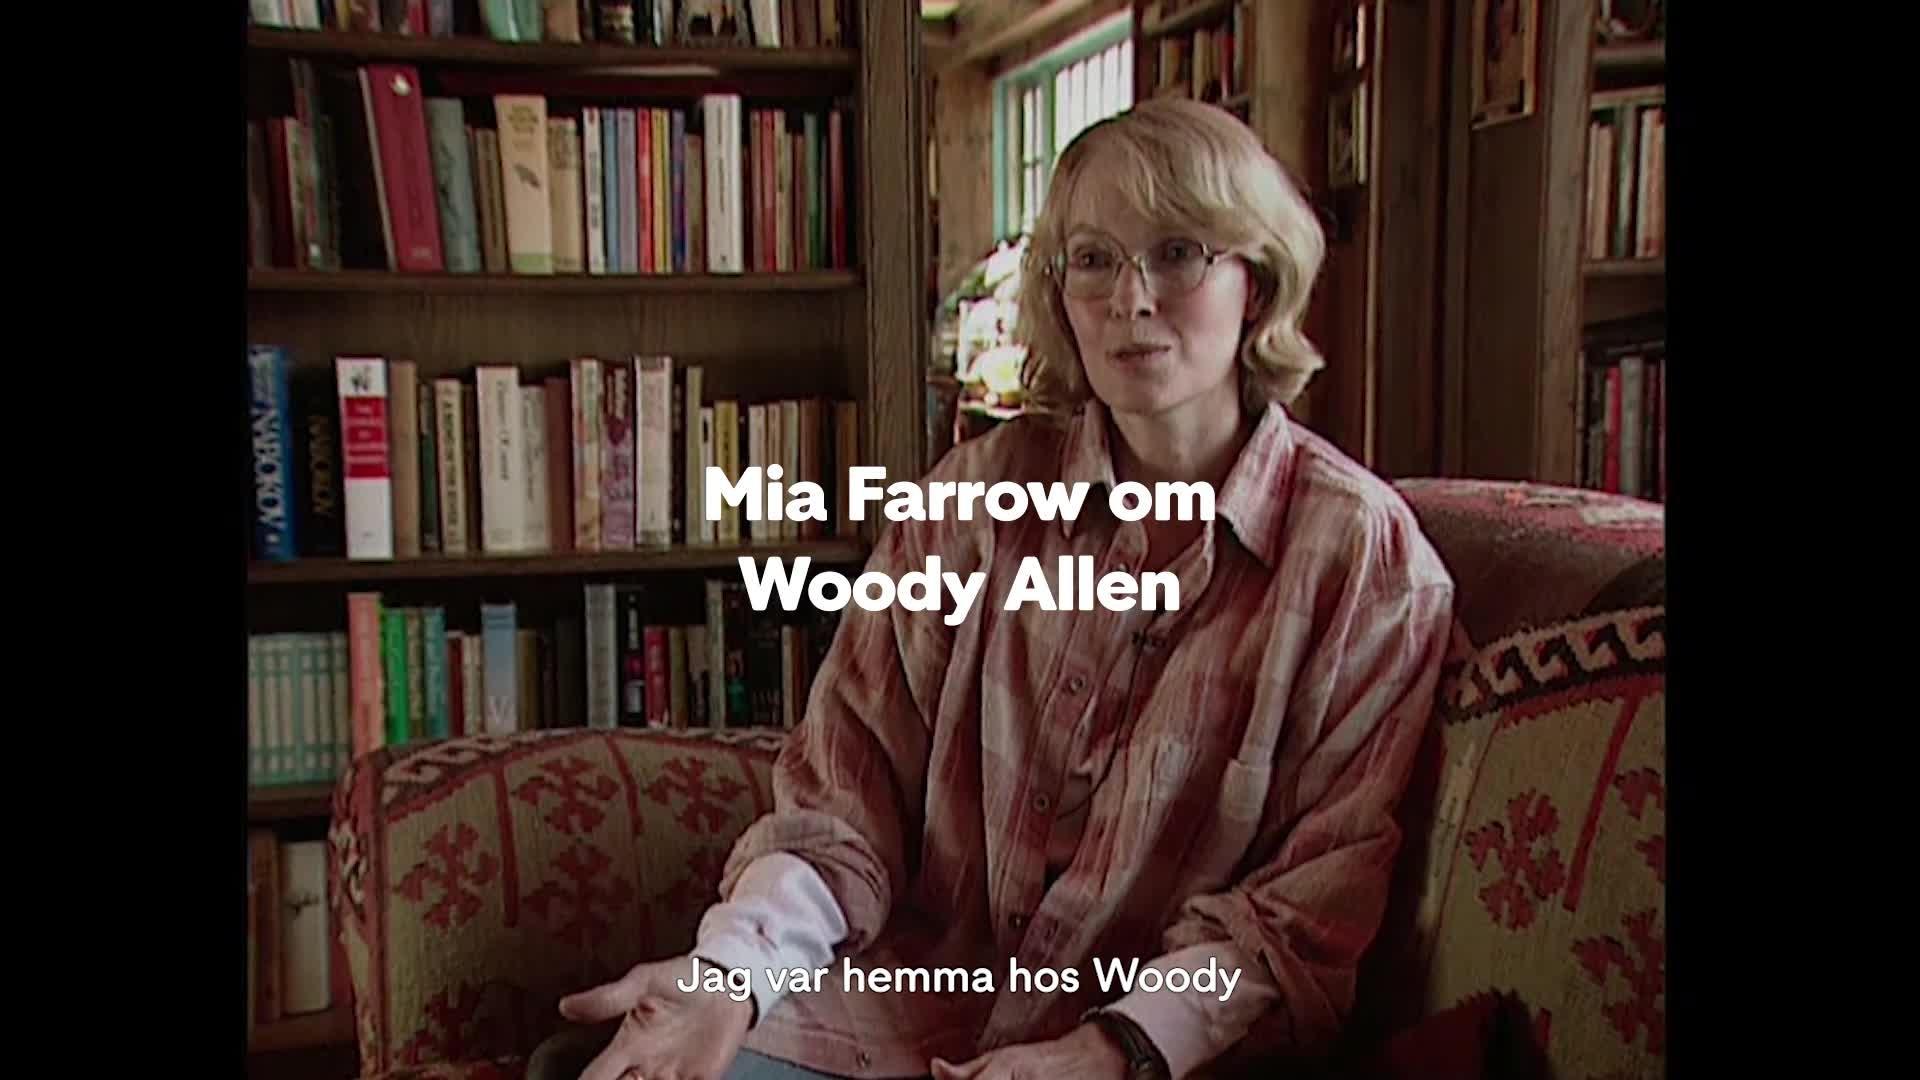 Så fick Mia Farrow reda på Woody Allen och Soon-Yis förhållande